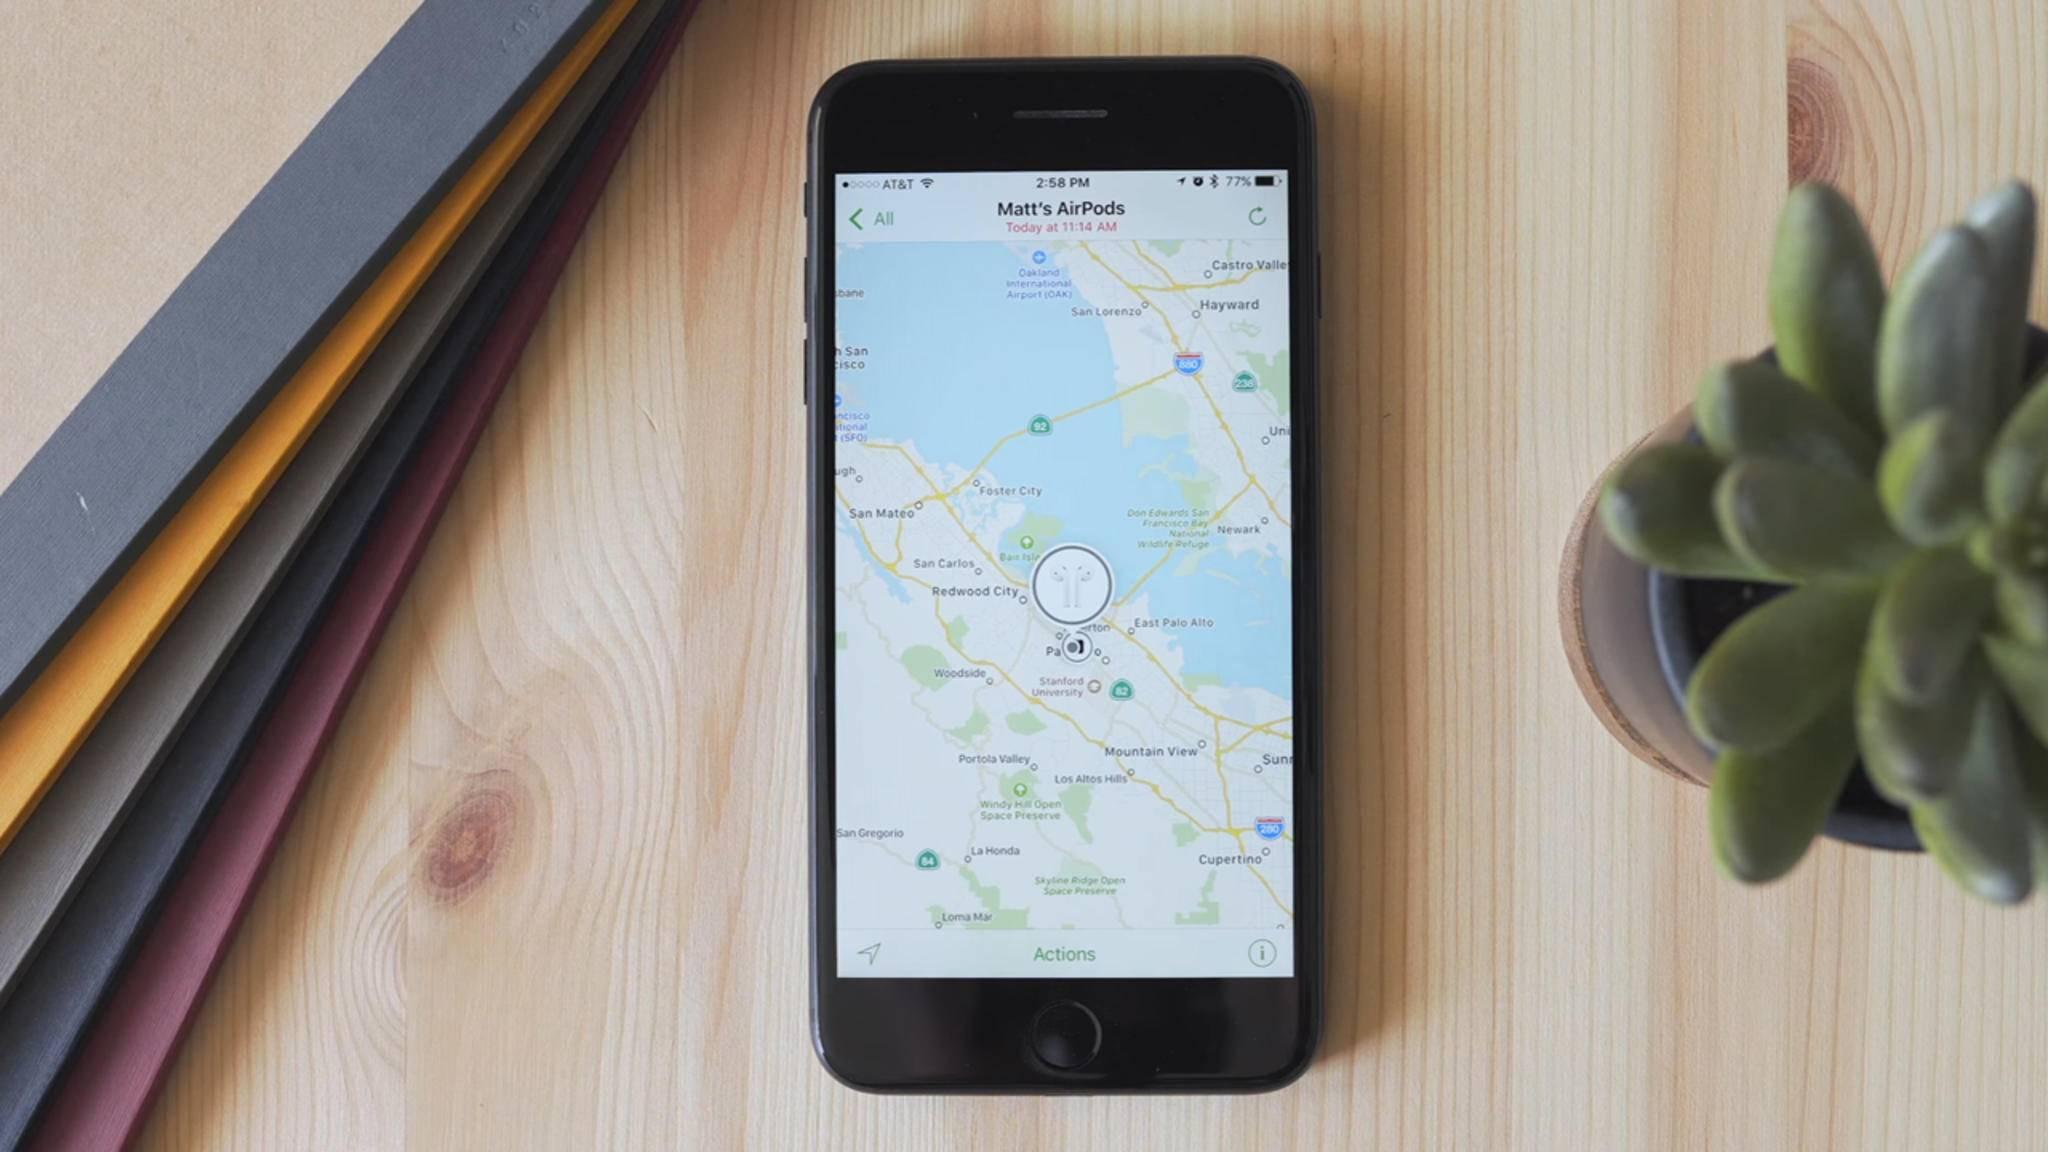 In iOS 10.3 lässt sich nach verlorenen AirPods suchen.